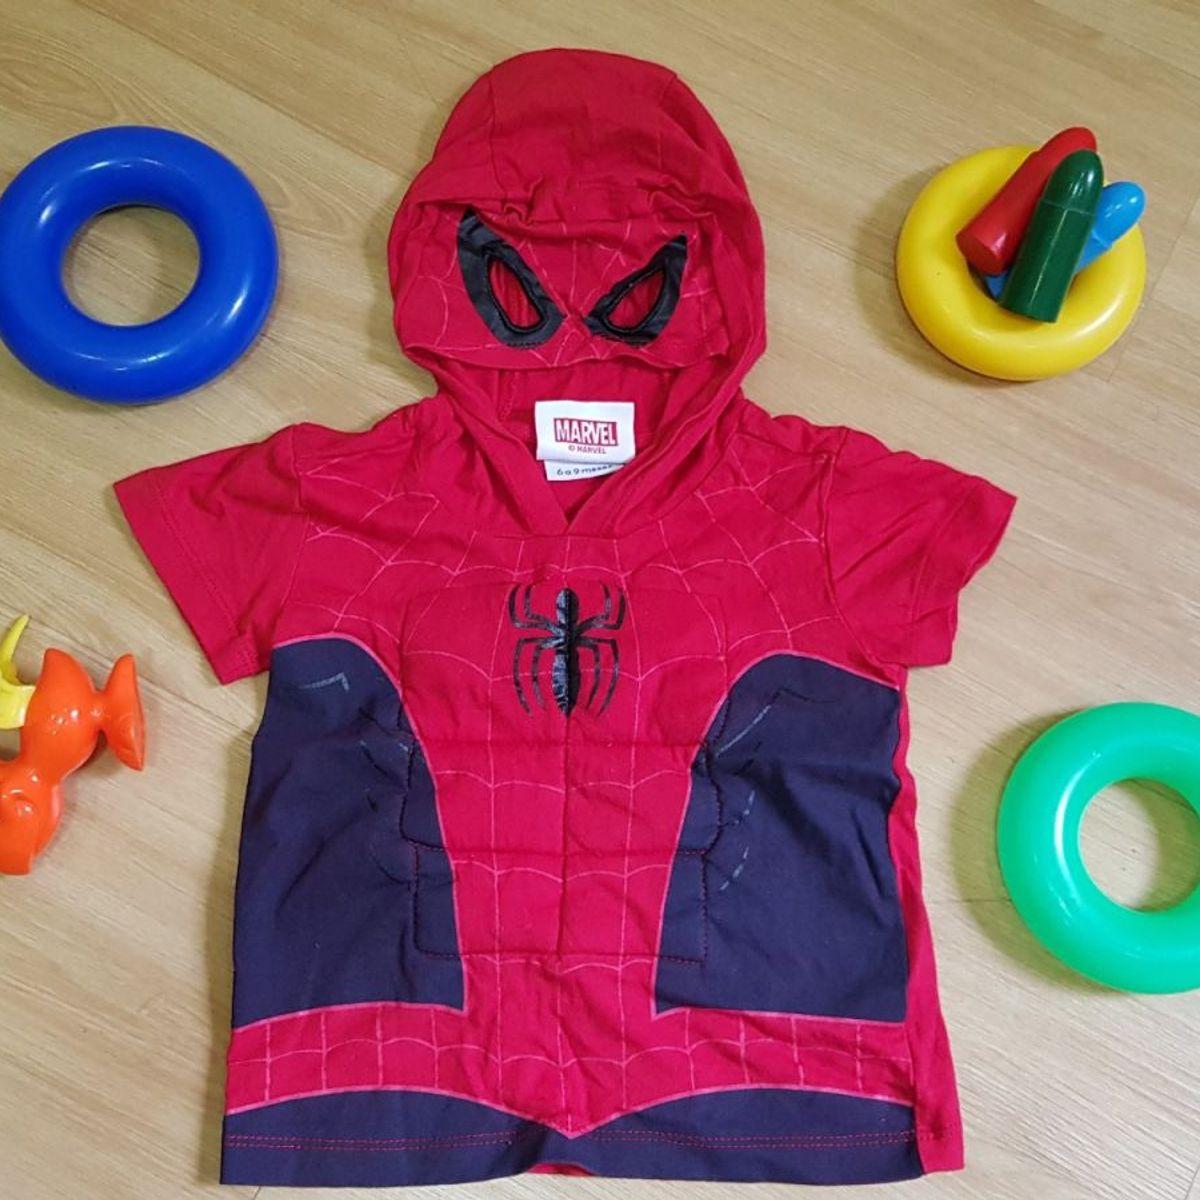 abcc1d5c6 Camiseta Fantasia Spider Man